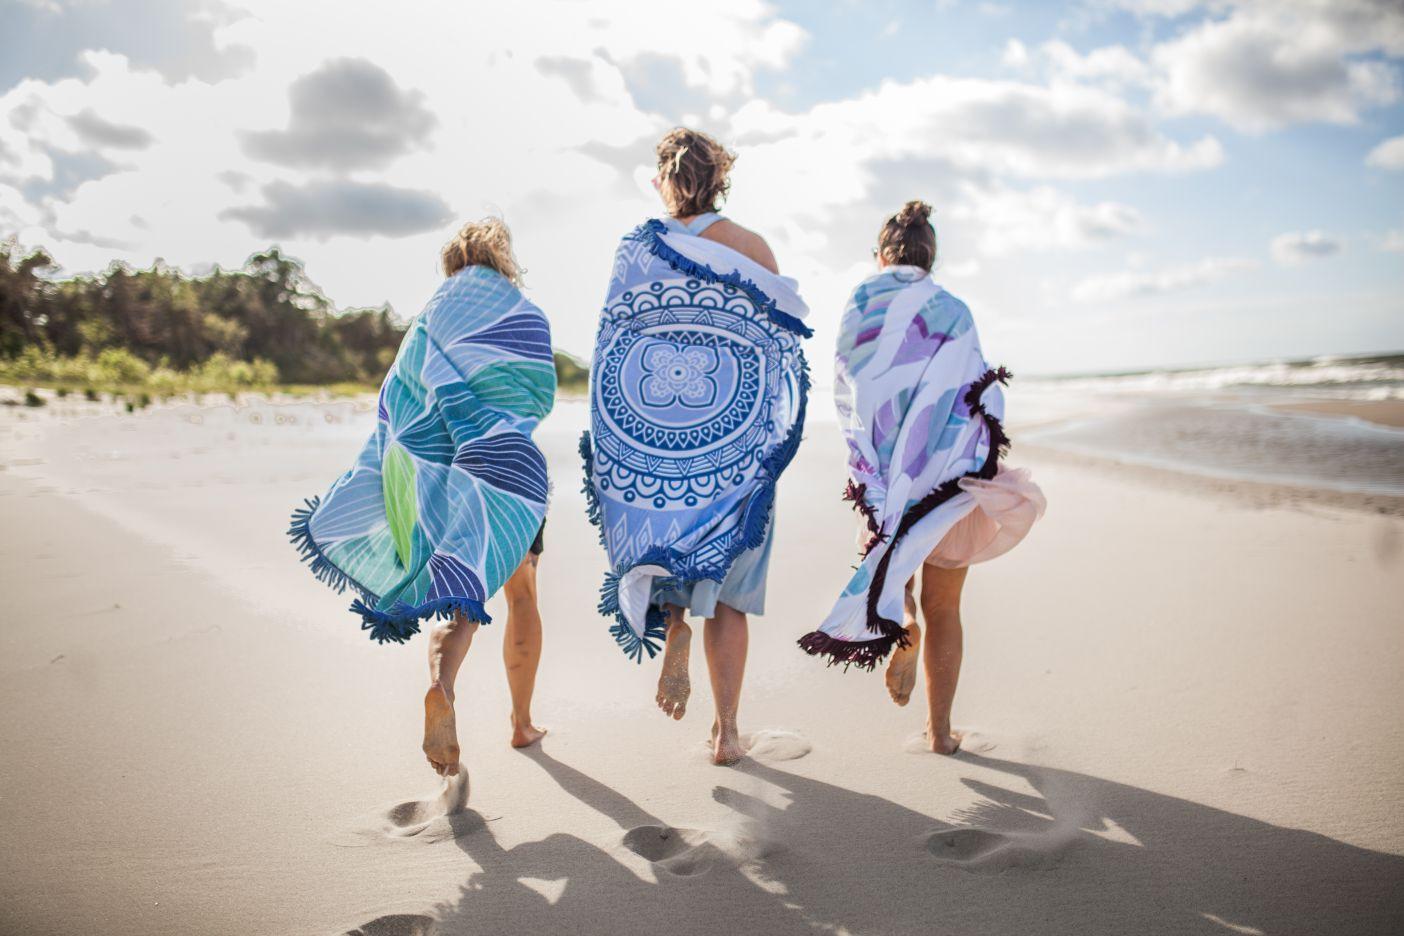 Dla amatorów polskich plaż Granatowo zielone fale piaszczyste plaże sosnowe lasy i słońce – te wszystkie elementy stworzyły nasz kolorowy okrągły ręcznik Bałtyk Kochamy nasze morze mimo czasami kapryśnej pogody i jesteśmy przekonane że spędzicie z nim mnóstwo przyjemnych chwil podczas letniego odpoczynku Lekko abstrakcyjny print wpisze się w gusta spragnionych morskich przygód surferów jak i amatorów spacerów po sopockim molo Jak go nosić? Lubi plażę piasek i dobrą zabawę dzięki temu że ma aż 150 cm średnicy pomieści Ciebie solo jak i w towarzystwie Chętnie chodzi na piknik ale sprawdza się również jako kompan podczas wakacyjnych wędrówek A gdy skończą się wakacje z chęcią ułoży się na Twojej kanapie w charakterze narzuty przynosząc na myśl najlepsze wspomnienia i dodając wystrojowi Twojego domu lekkiej nuty boho Poznaj lepiej swój okrągły ręcznik i traktuj go z miłością · Ręcznik zrobiony jest w 100 z wysokiej jakości bawełny frotte 400 g m2 i wykończony delikatnymi frędzlami · Weluro